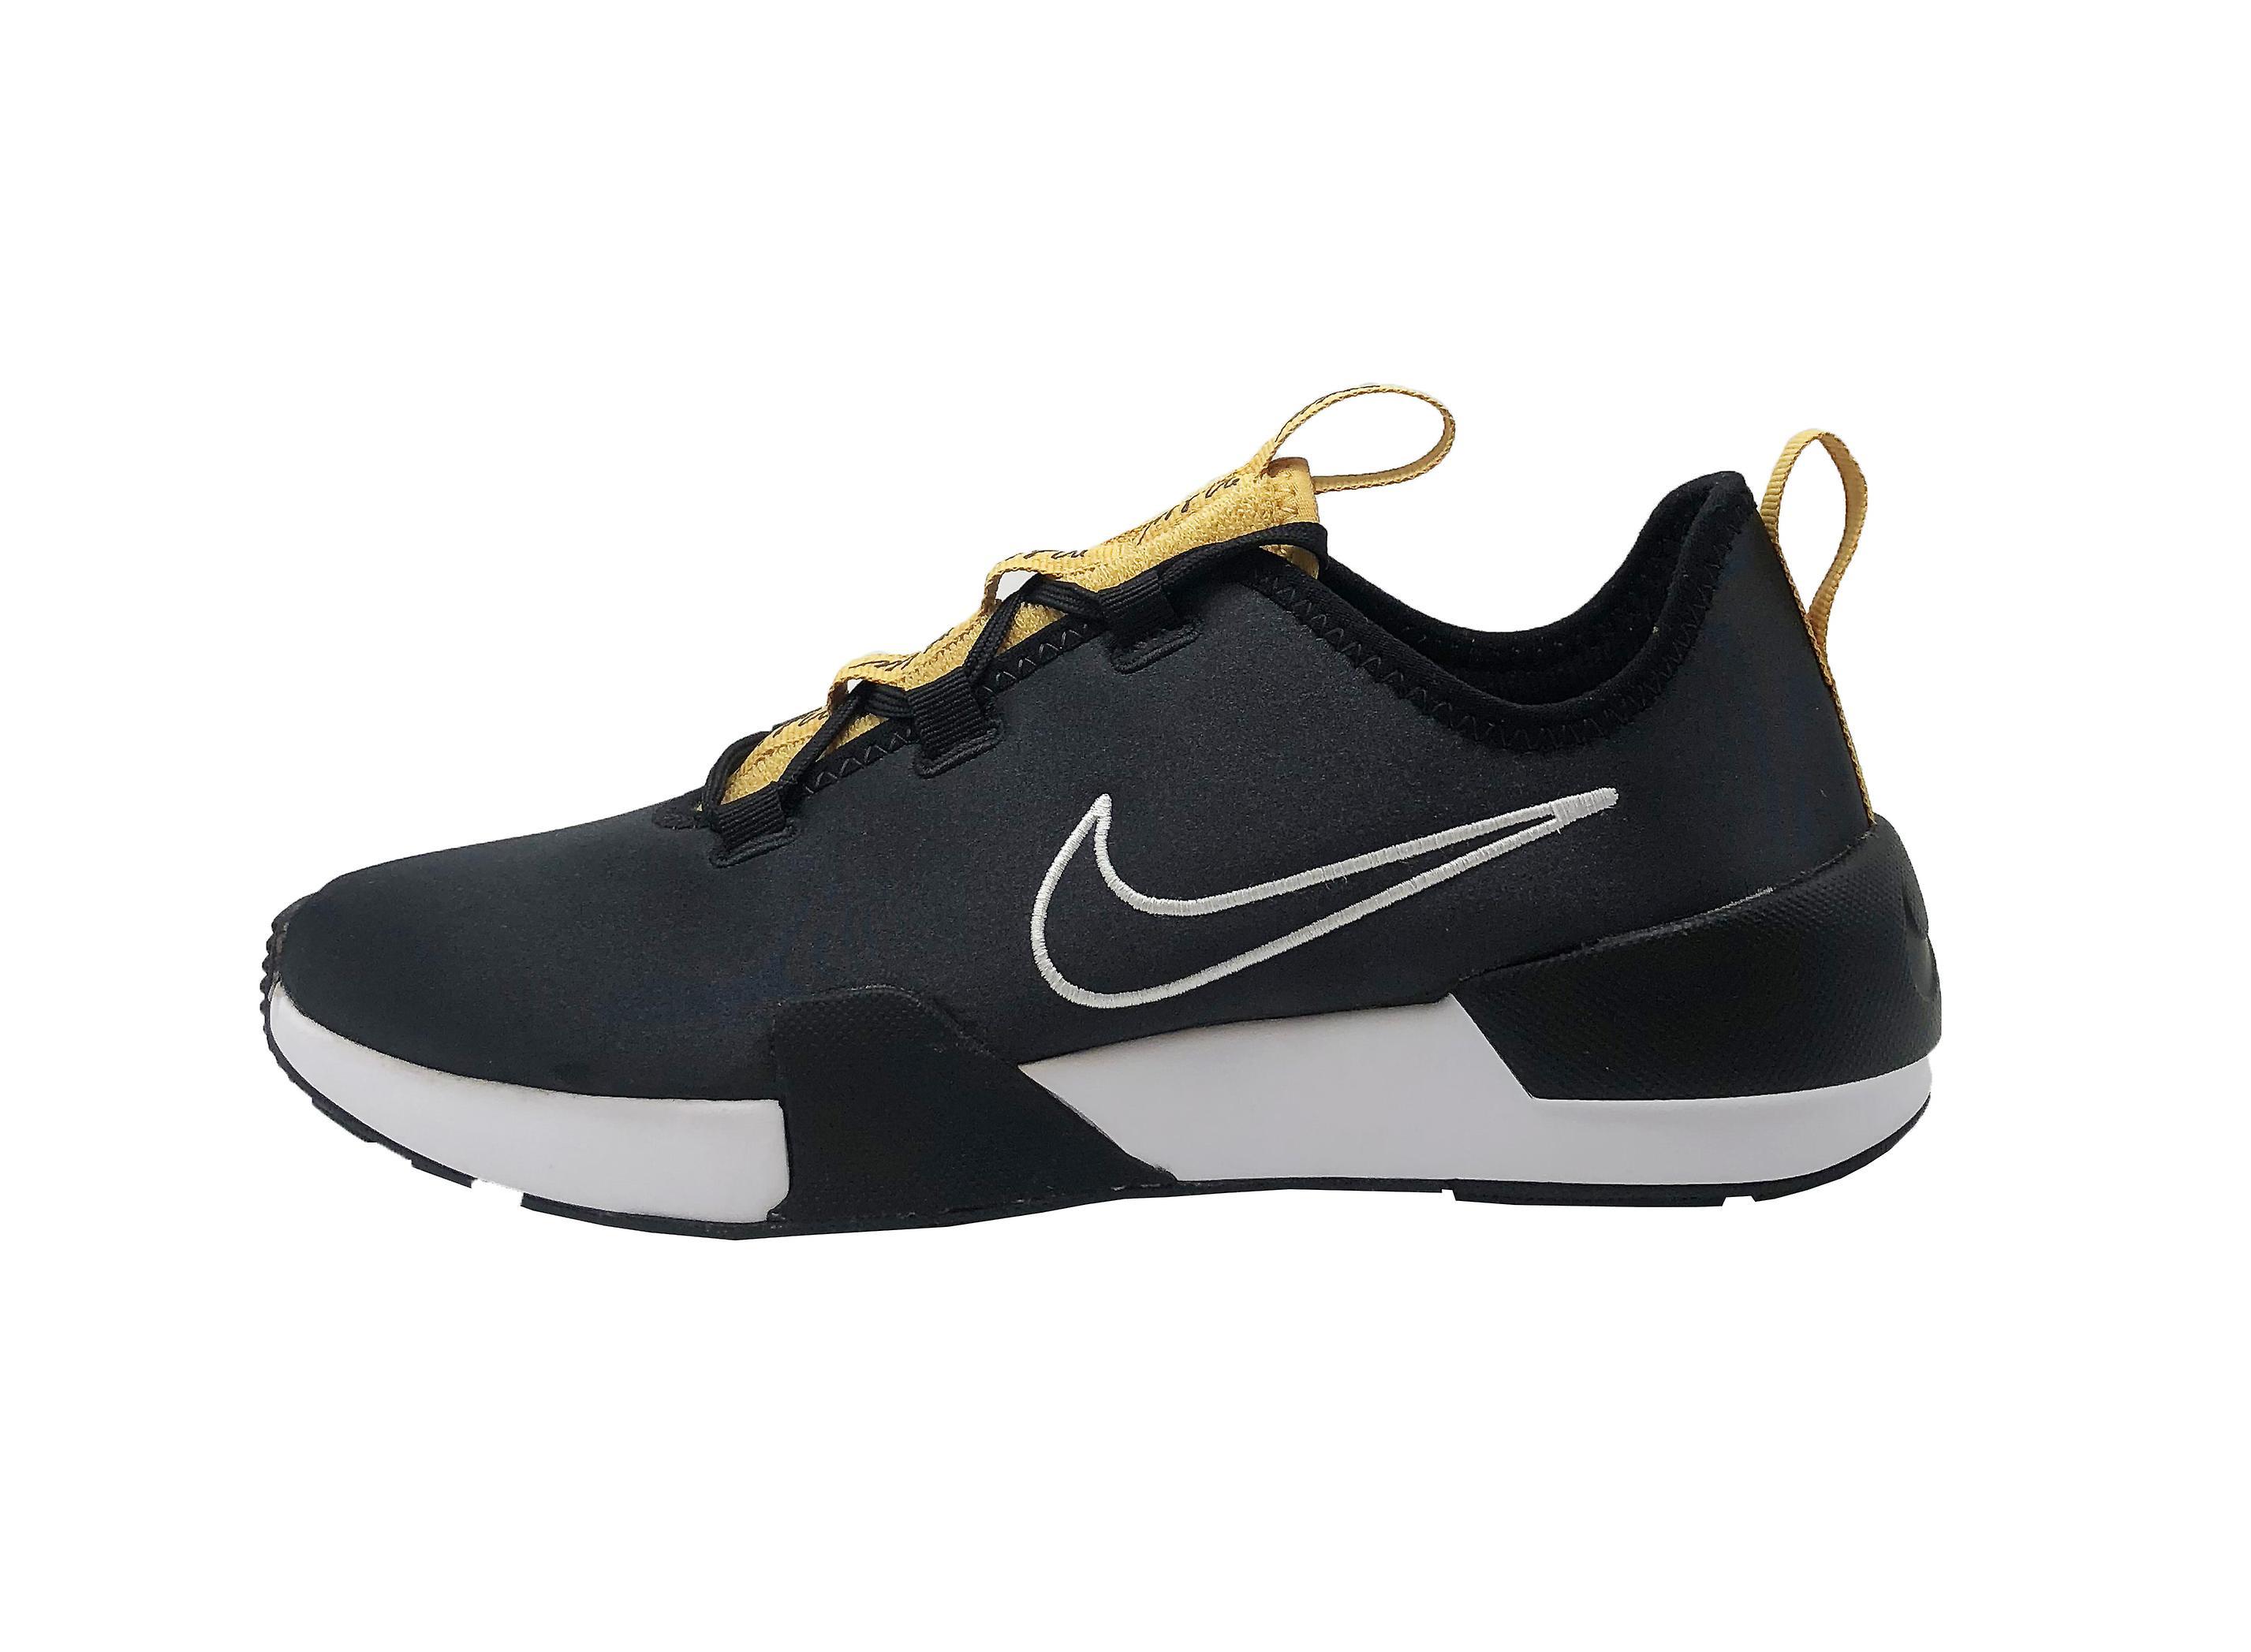 Buty sportowe Nike Ashin nowoczesne SE AJ8807 damskie 001 obNlA